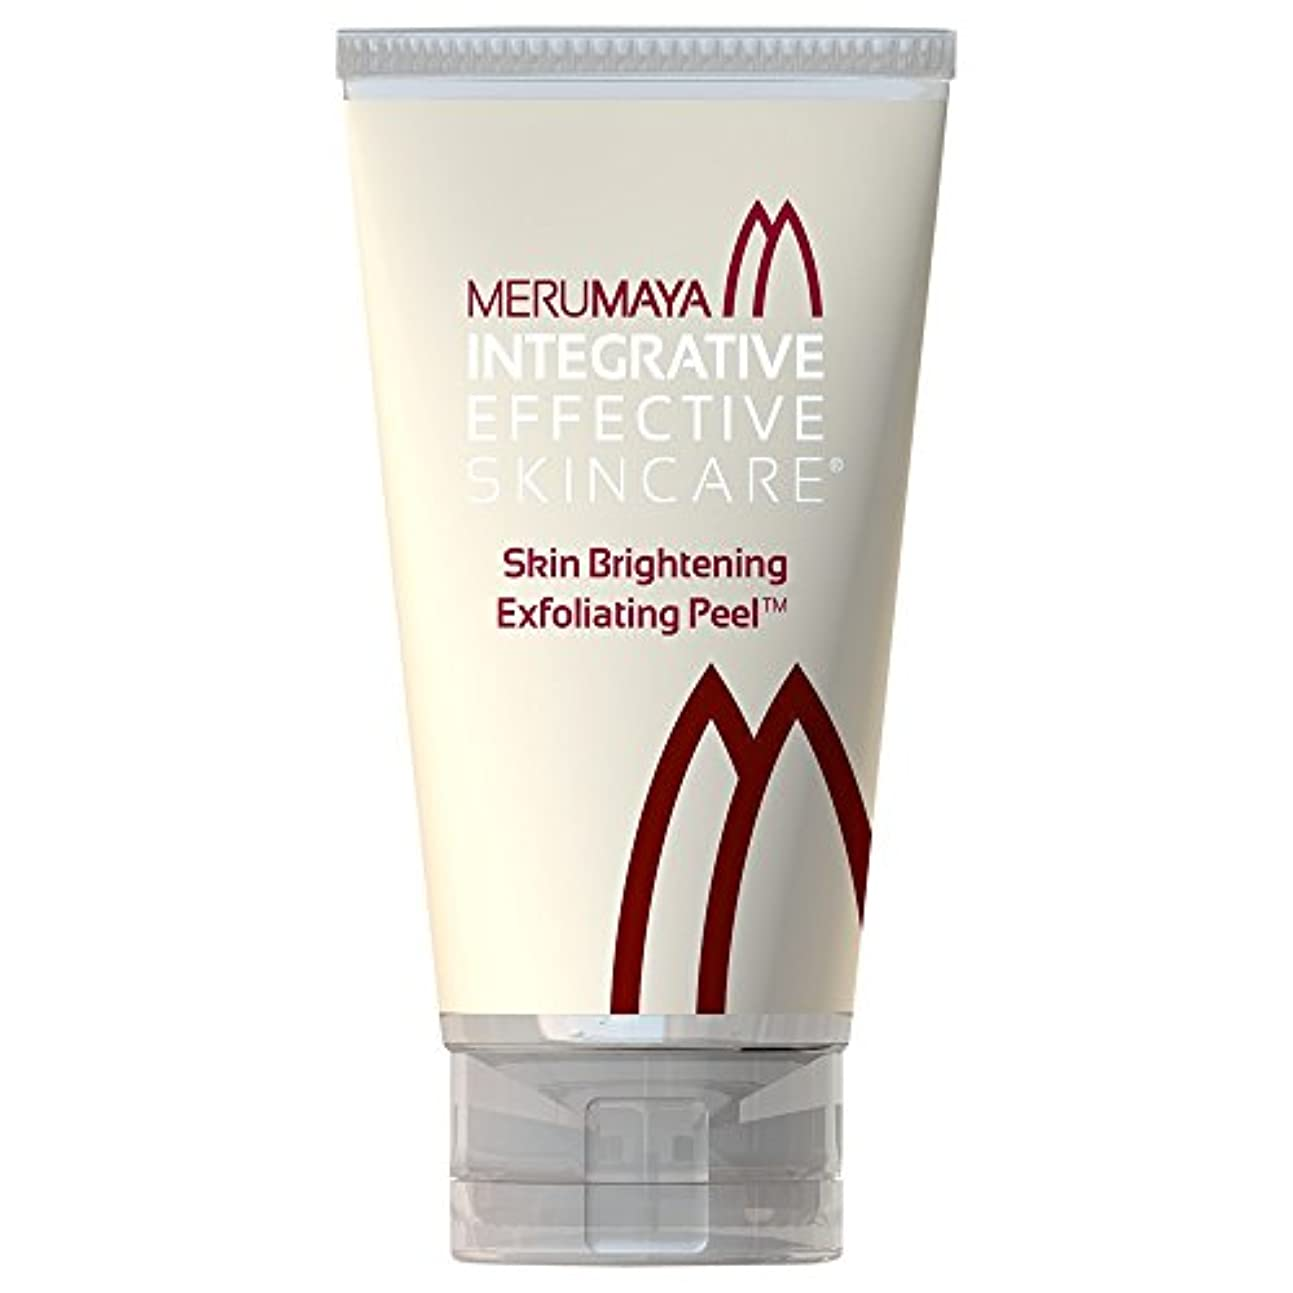 検体王子飢饉Merumayaスキンブライトニングピーリング剥離?の50ミリリットル (Merumaya) (x6) - MERUMAYA Skin Brightening Exfoliating Peel? 50ml (Pack of...